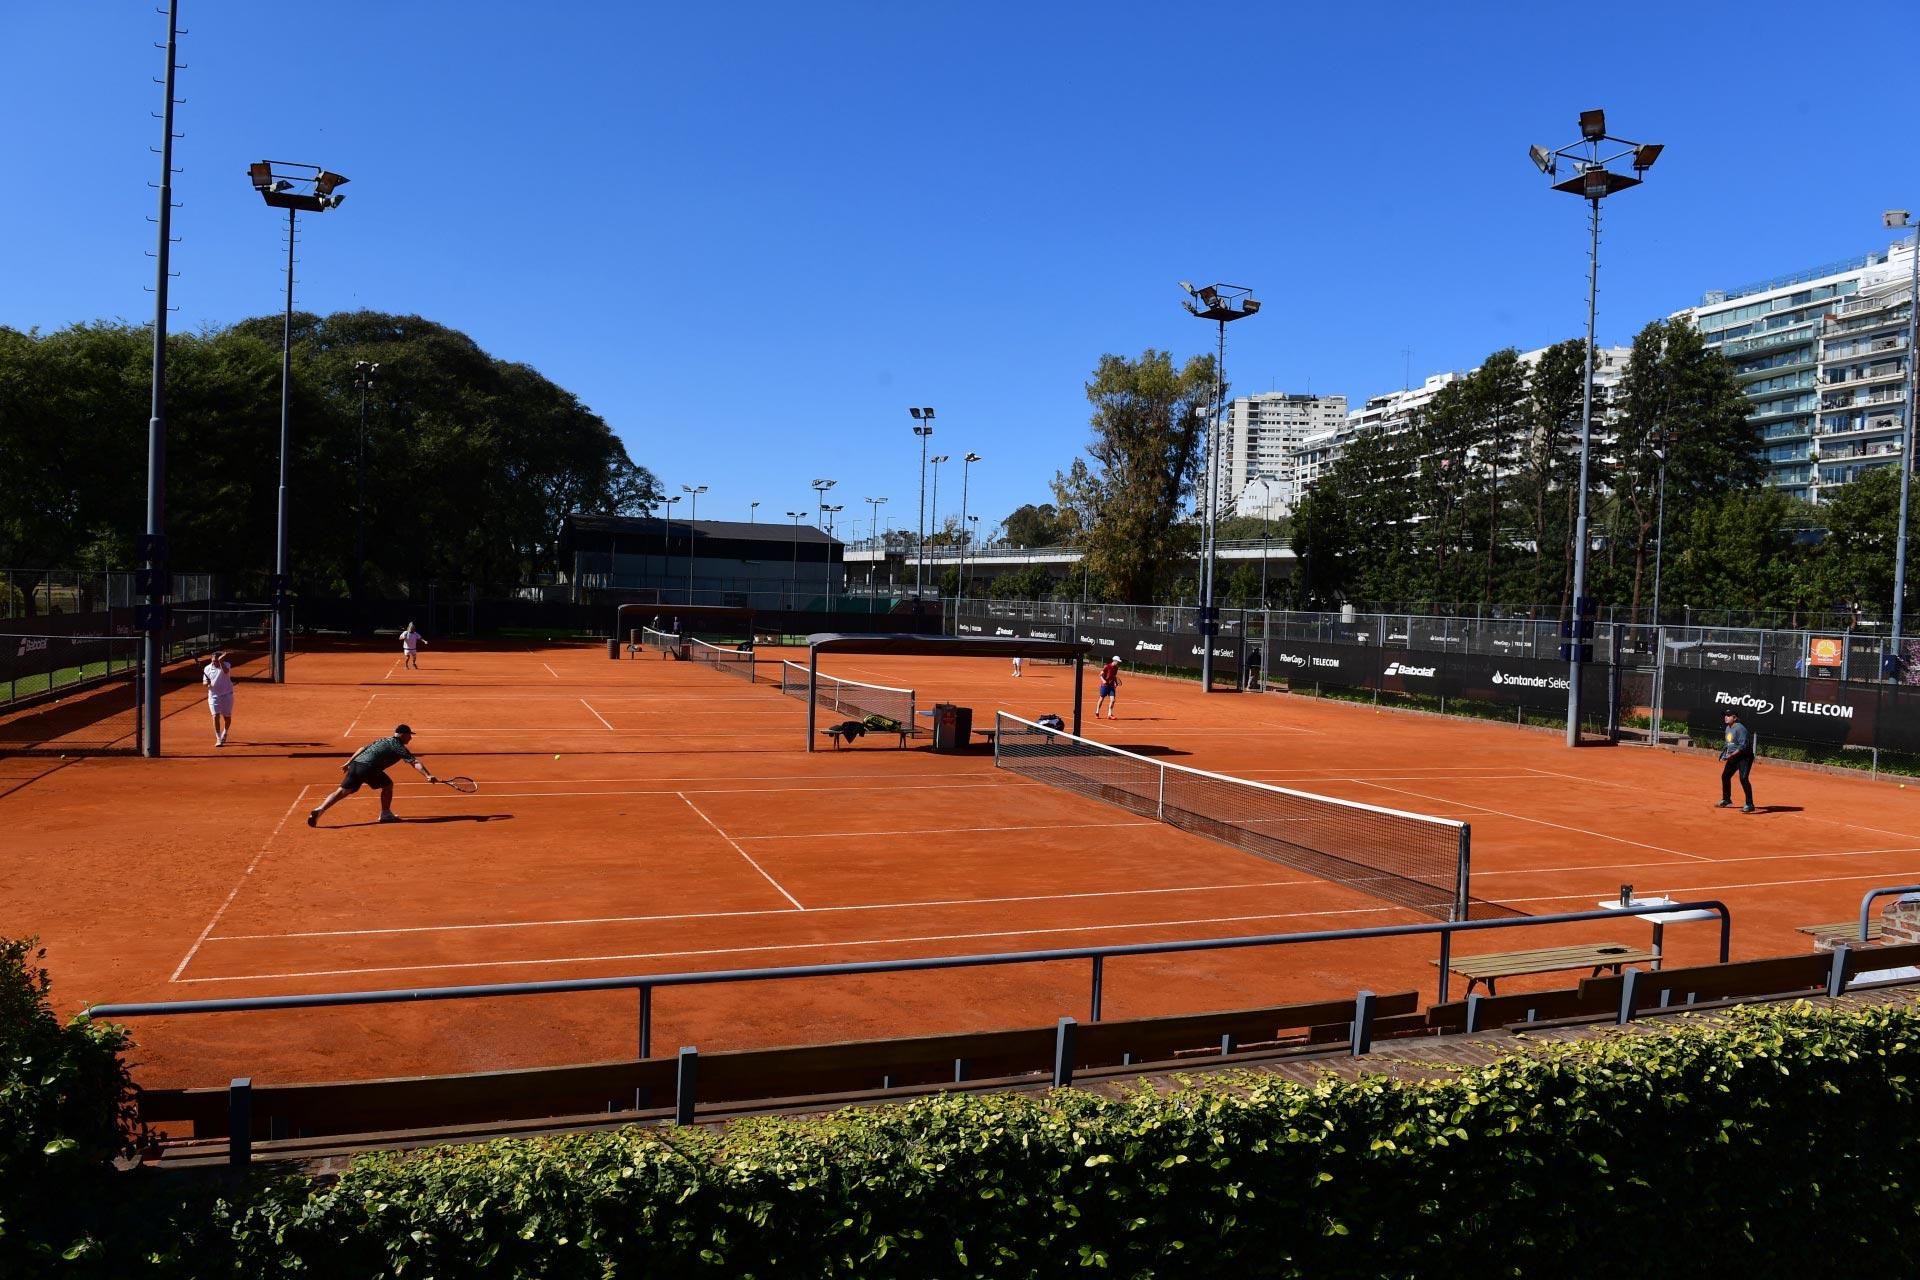 Una imagen del regreso de la actividad en el Racket Club